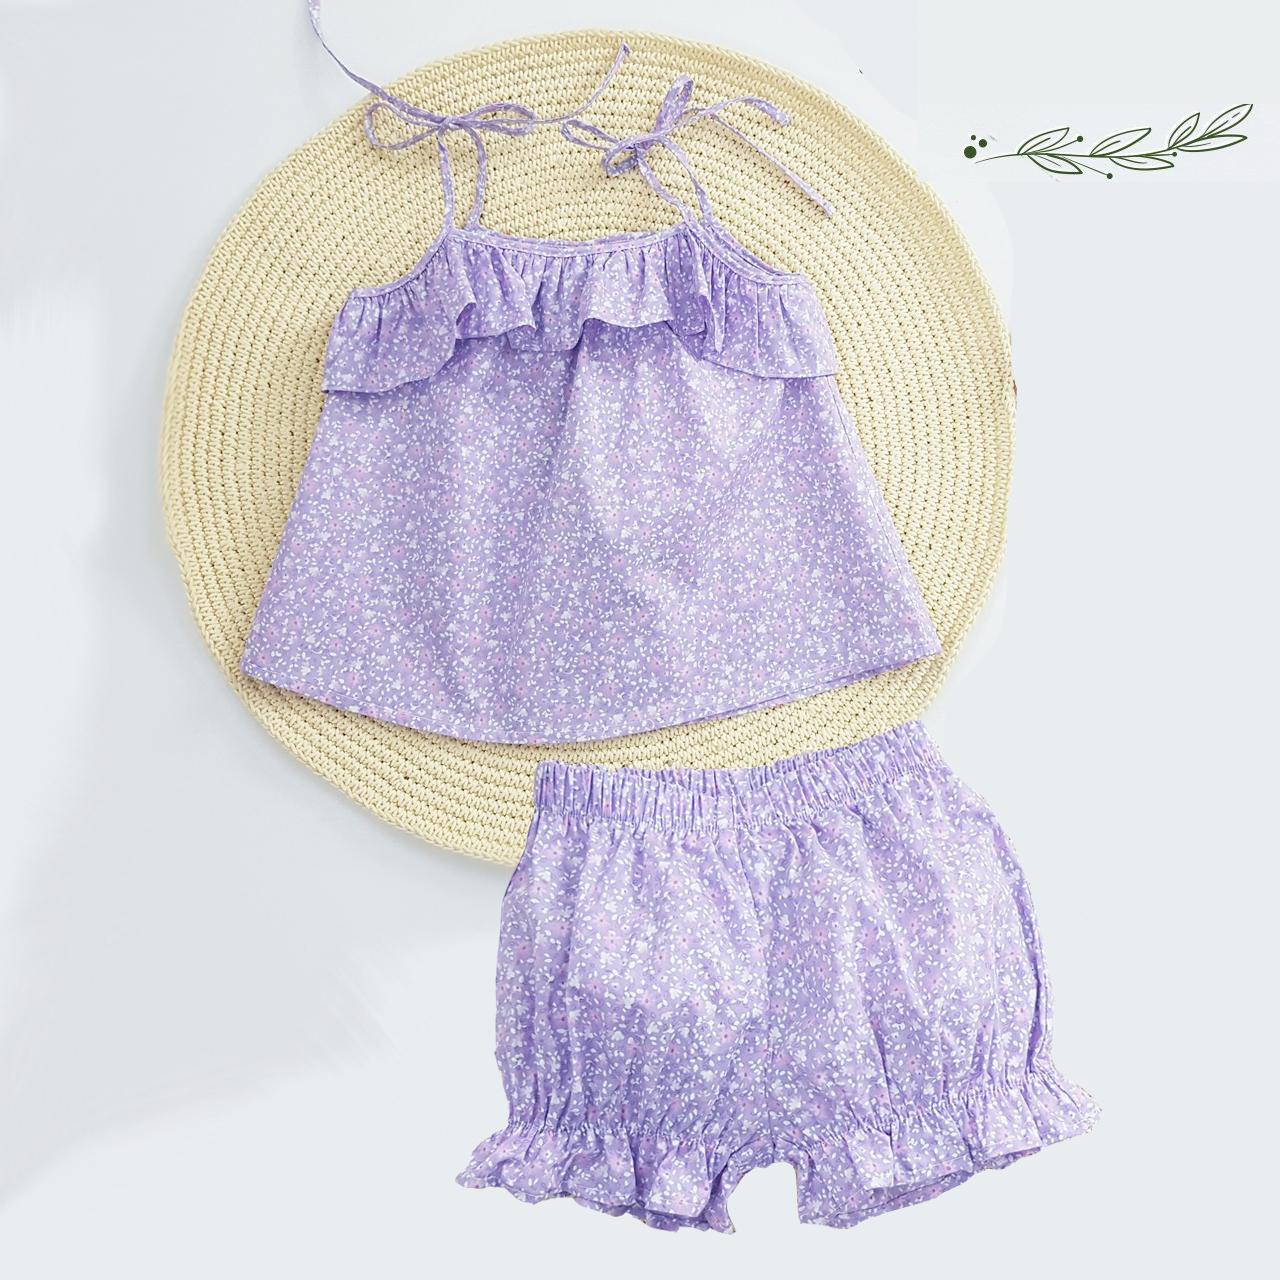 Set bộ đồ cho bé gái 2 dây tím hoa nhí hot trend set trang phục bé gái thô mịn·từ 1-8T (8-32kg) + Tặng kẹp tóc cực xinh